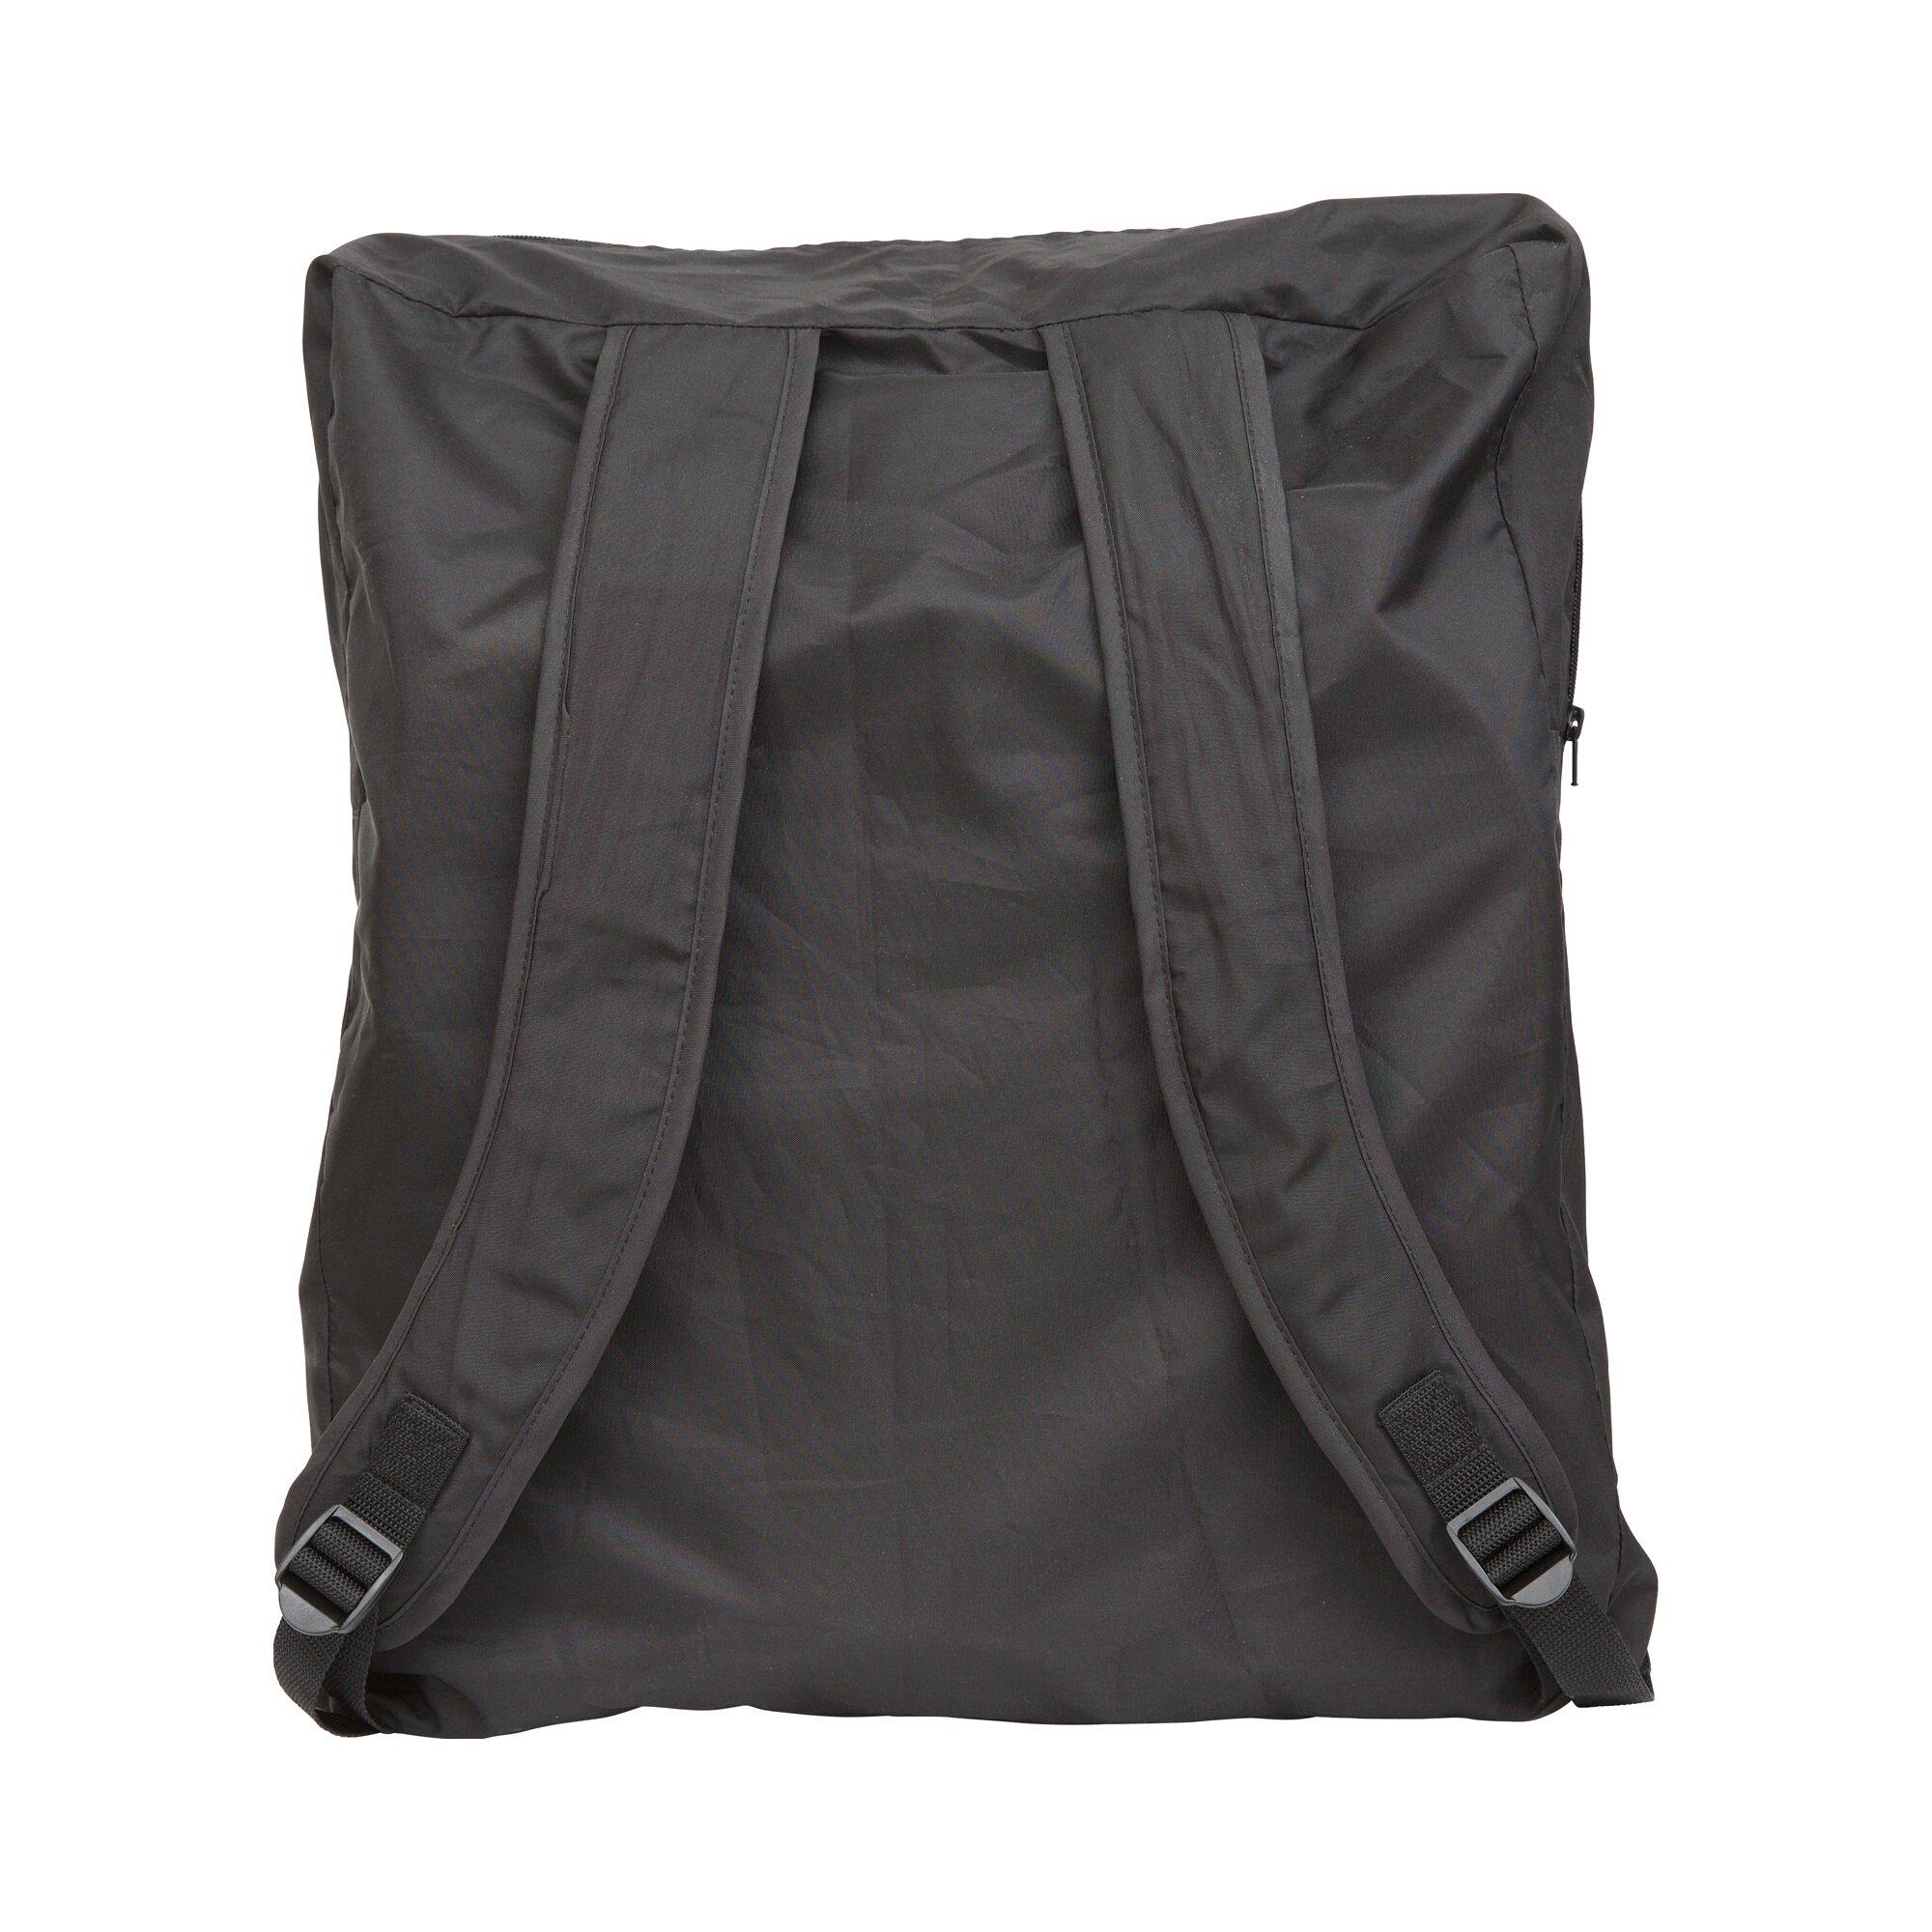 ergobaby-transporttasche-fur-metro-schwarz